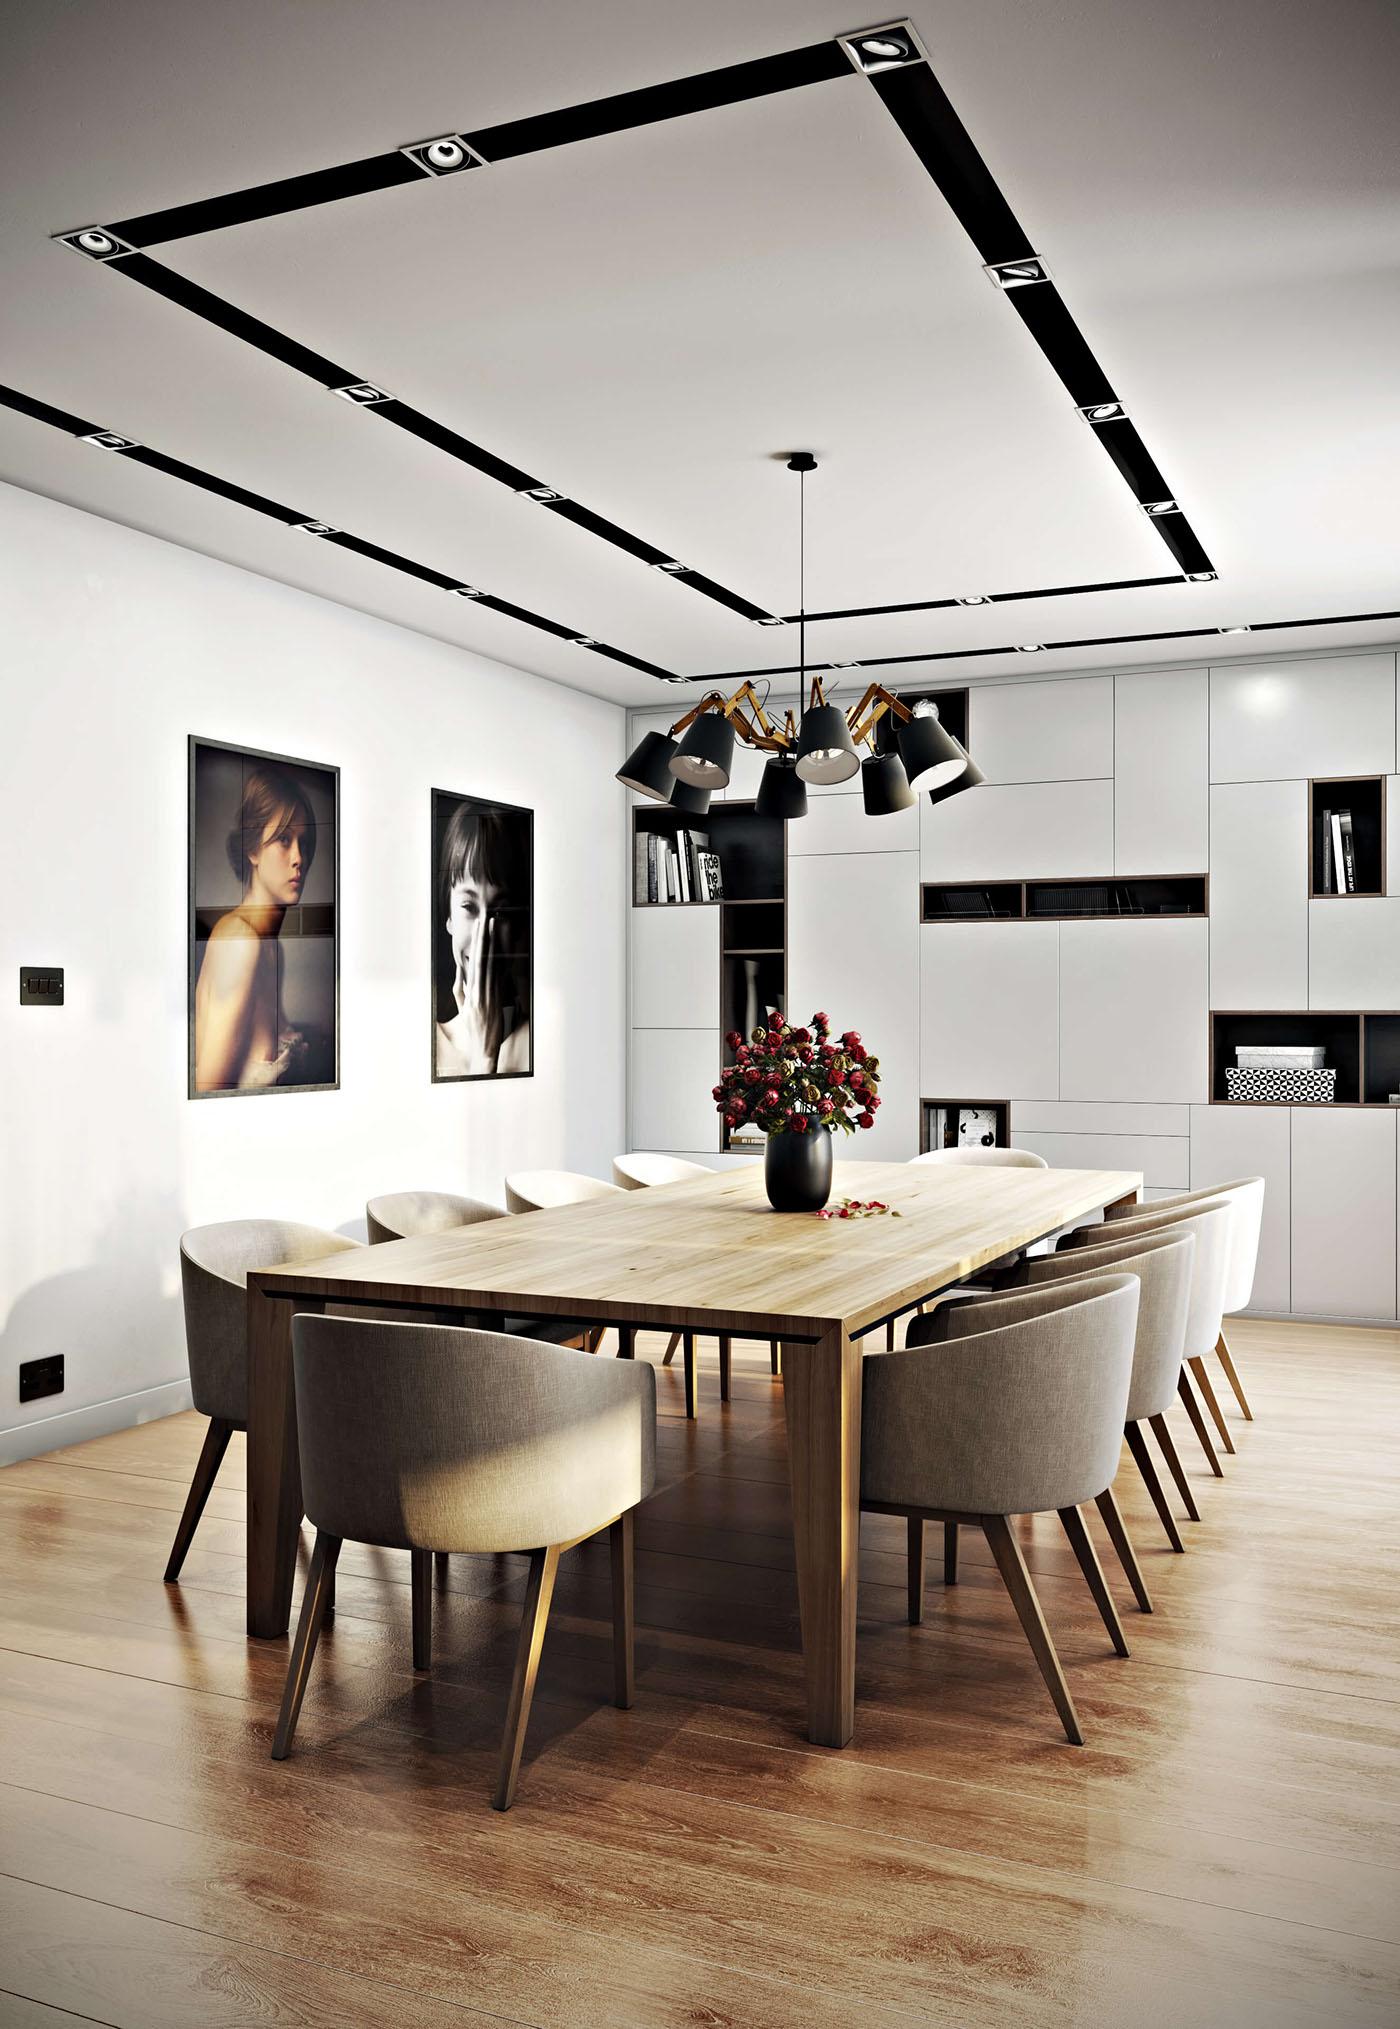 Kitchen Interior 3D Rendering on Behance